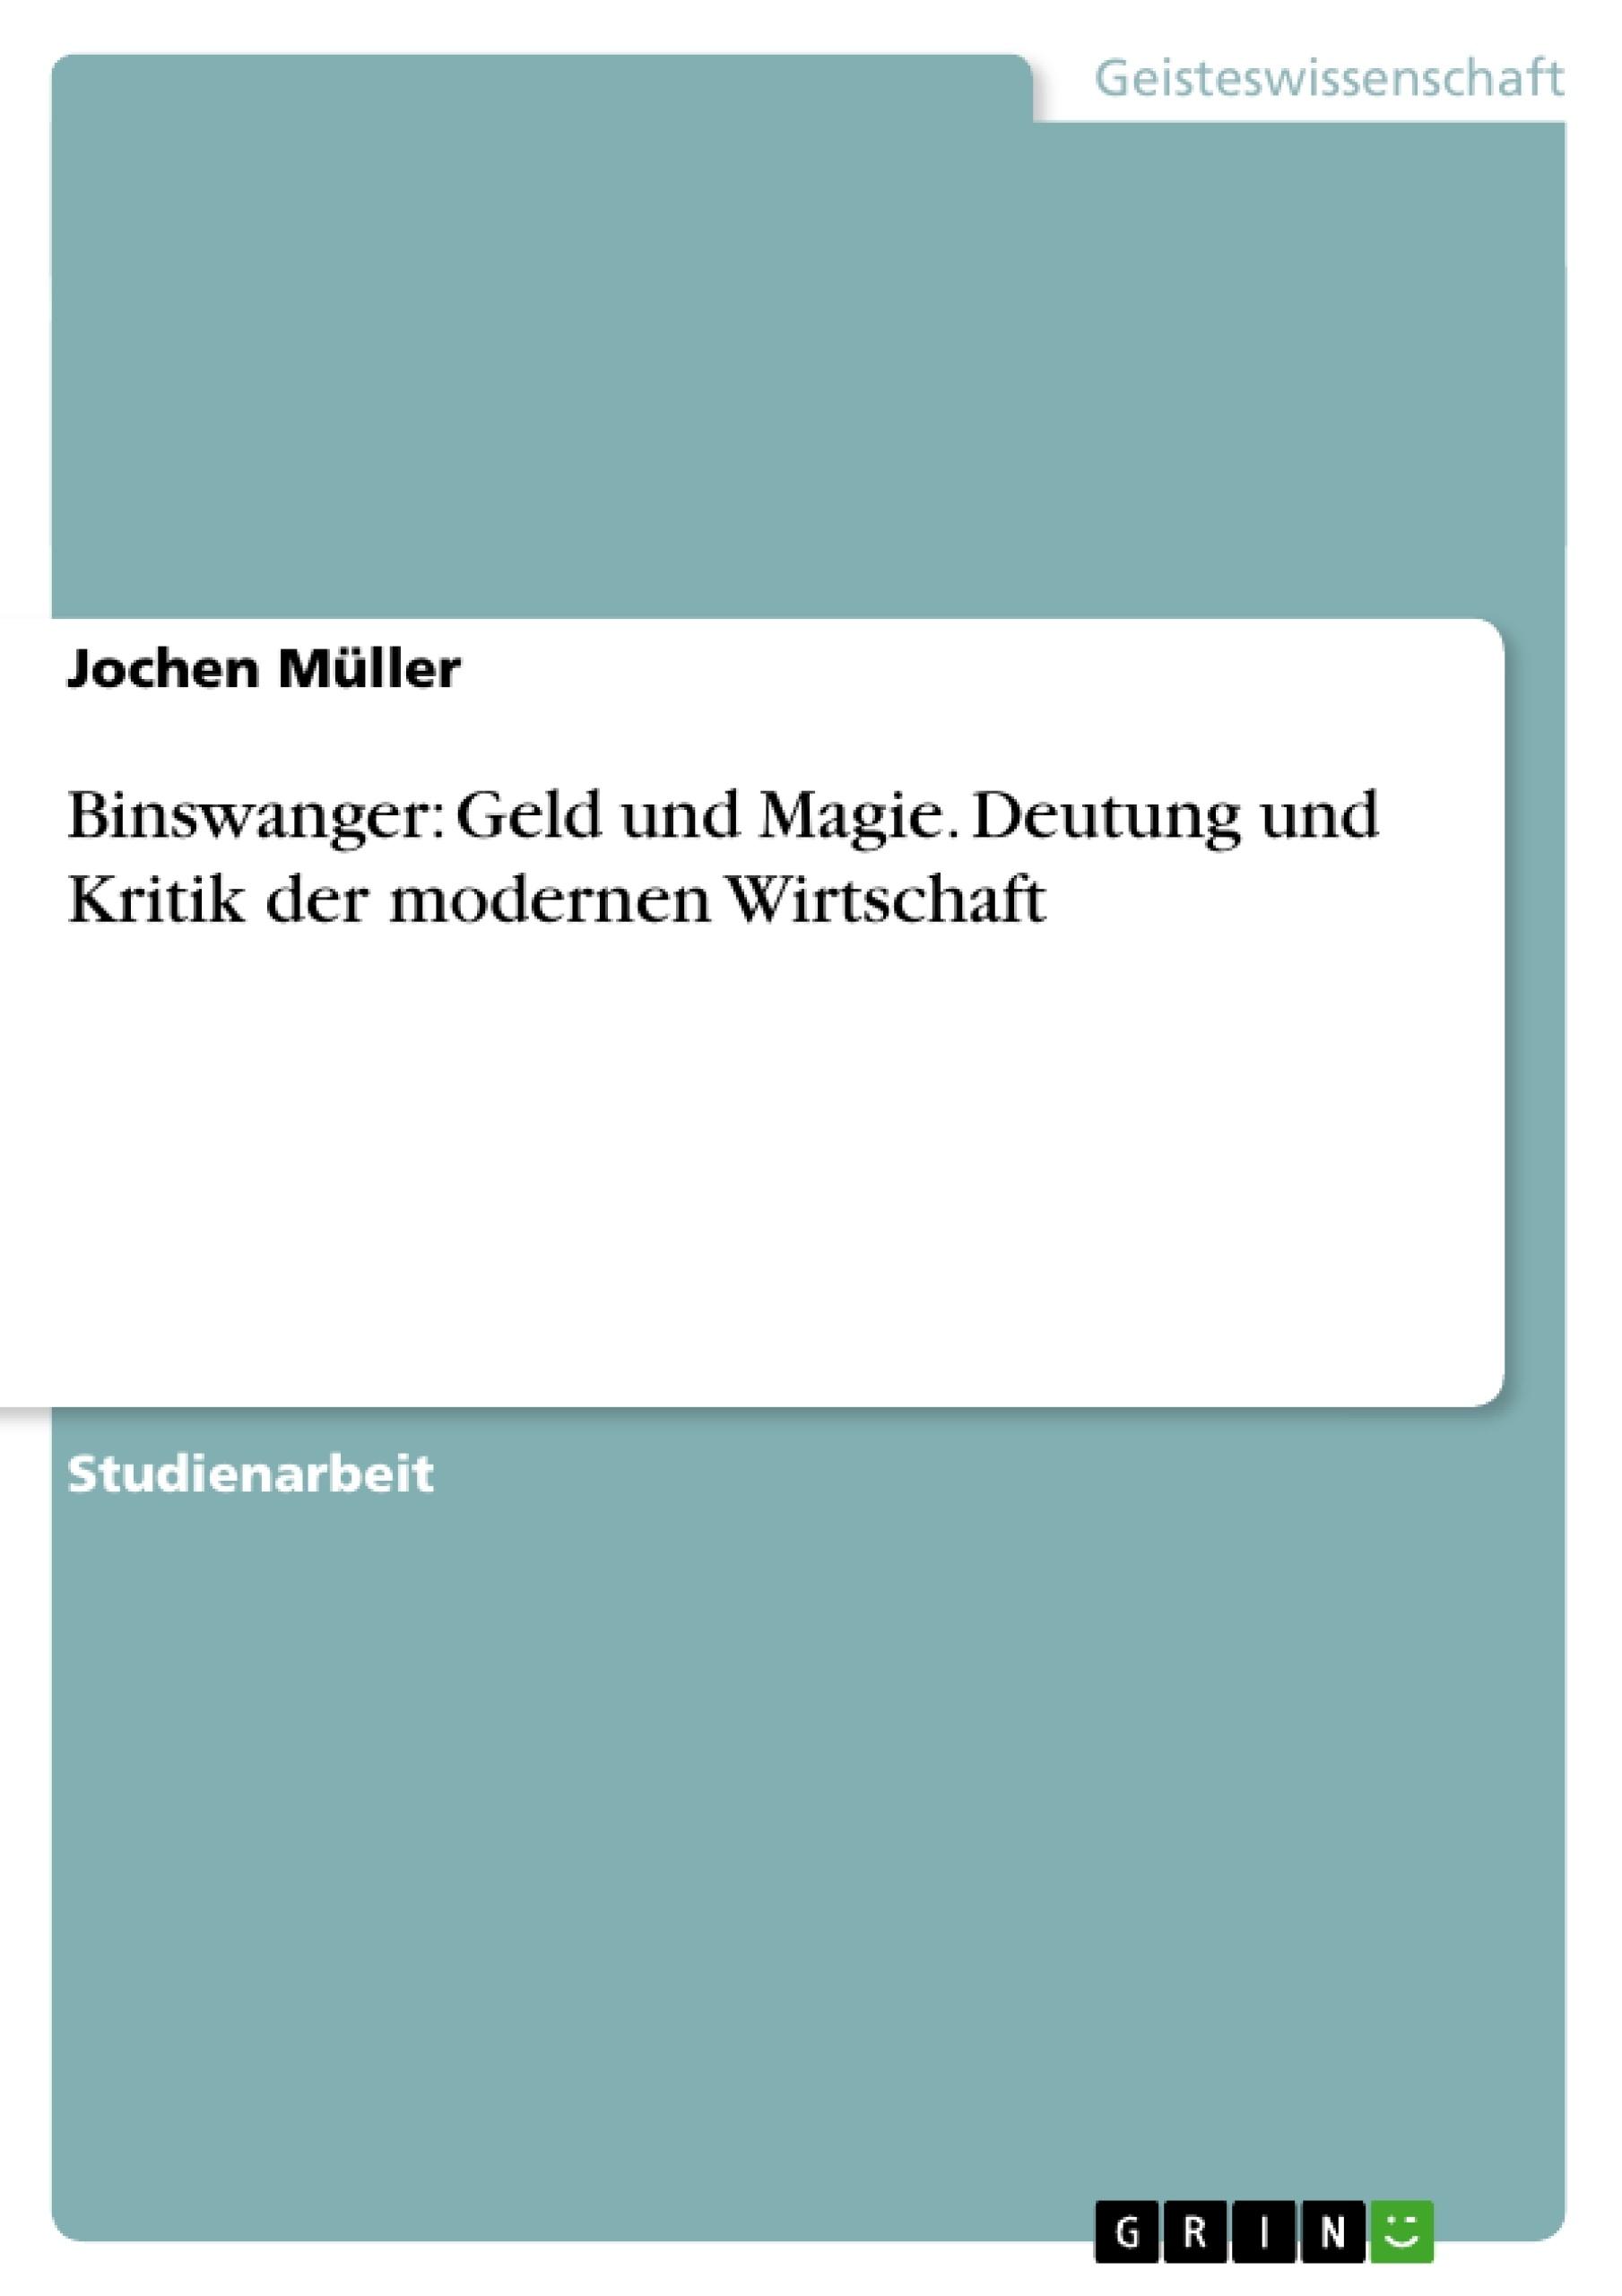 Titel: Binswanger: Geld und Magie. Deutung und Kritik der modernen Wirtschaft